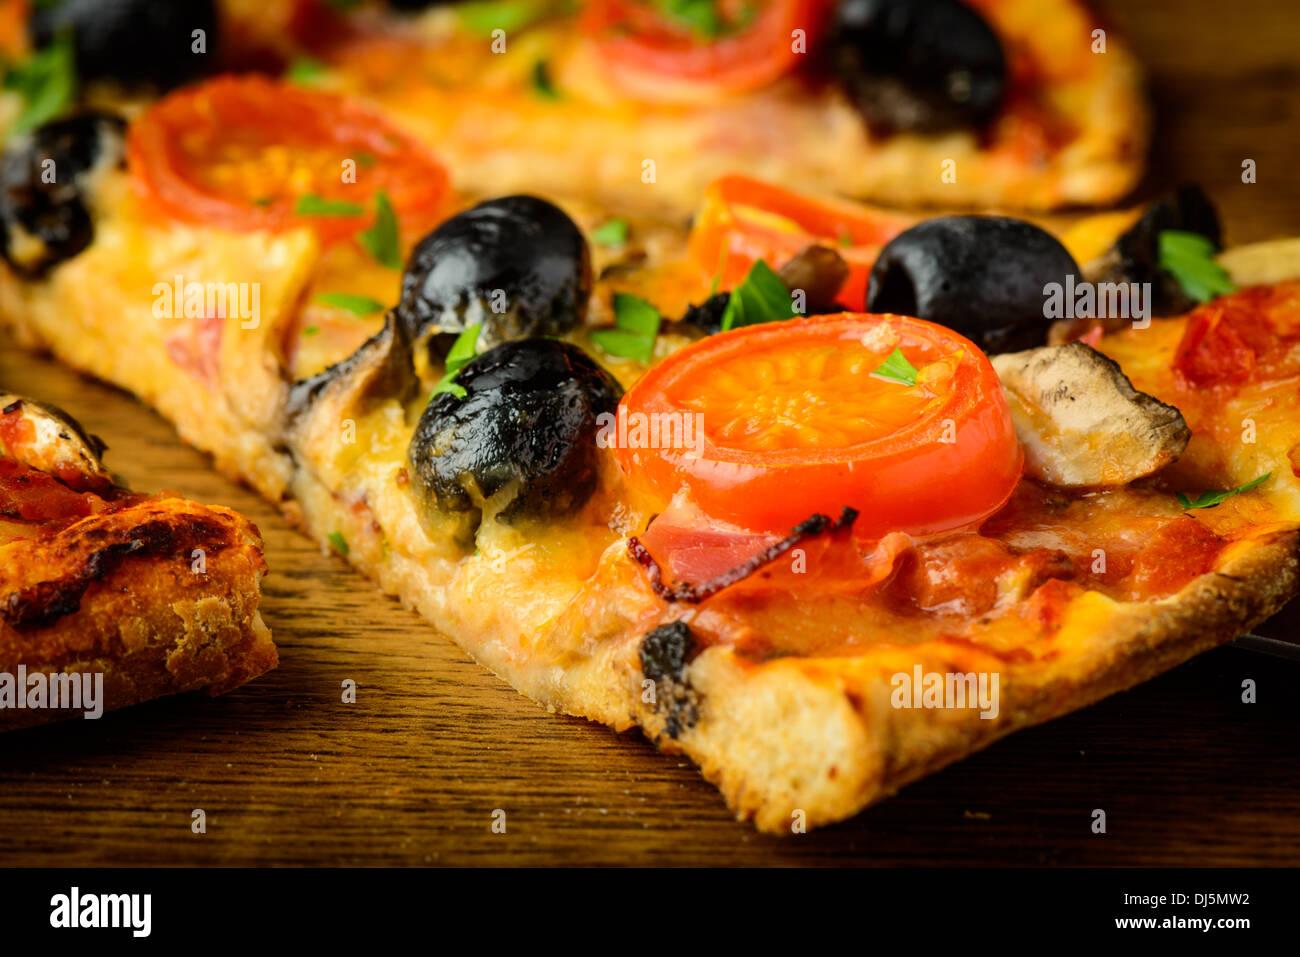 Closeup detalle de fresco al horno tradicional pizza Imagen De Stock